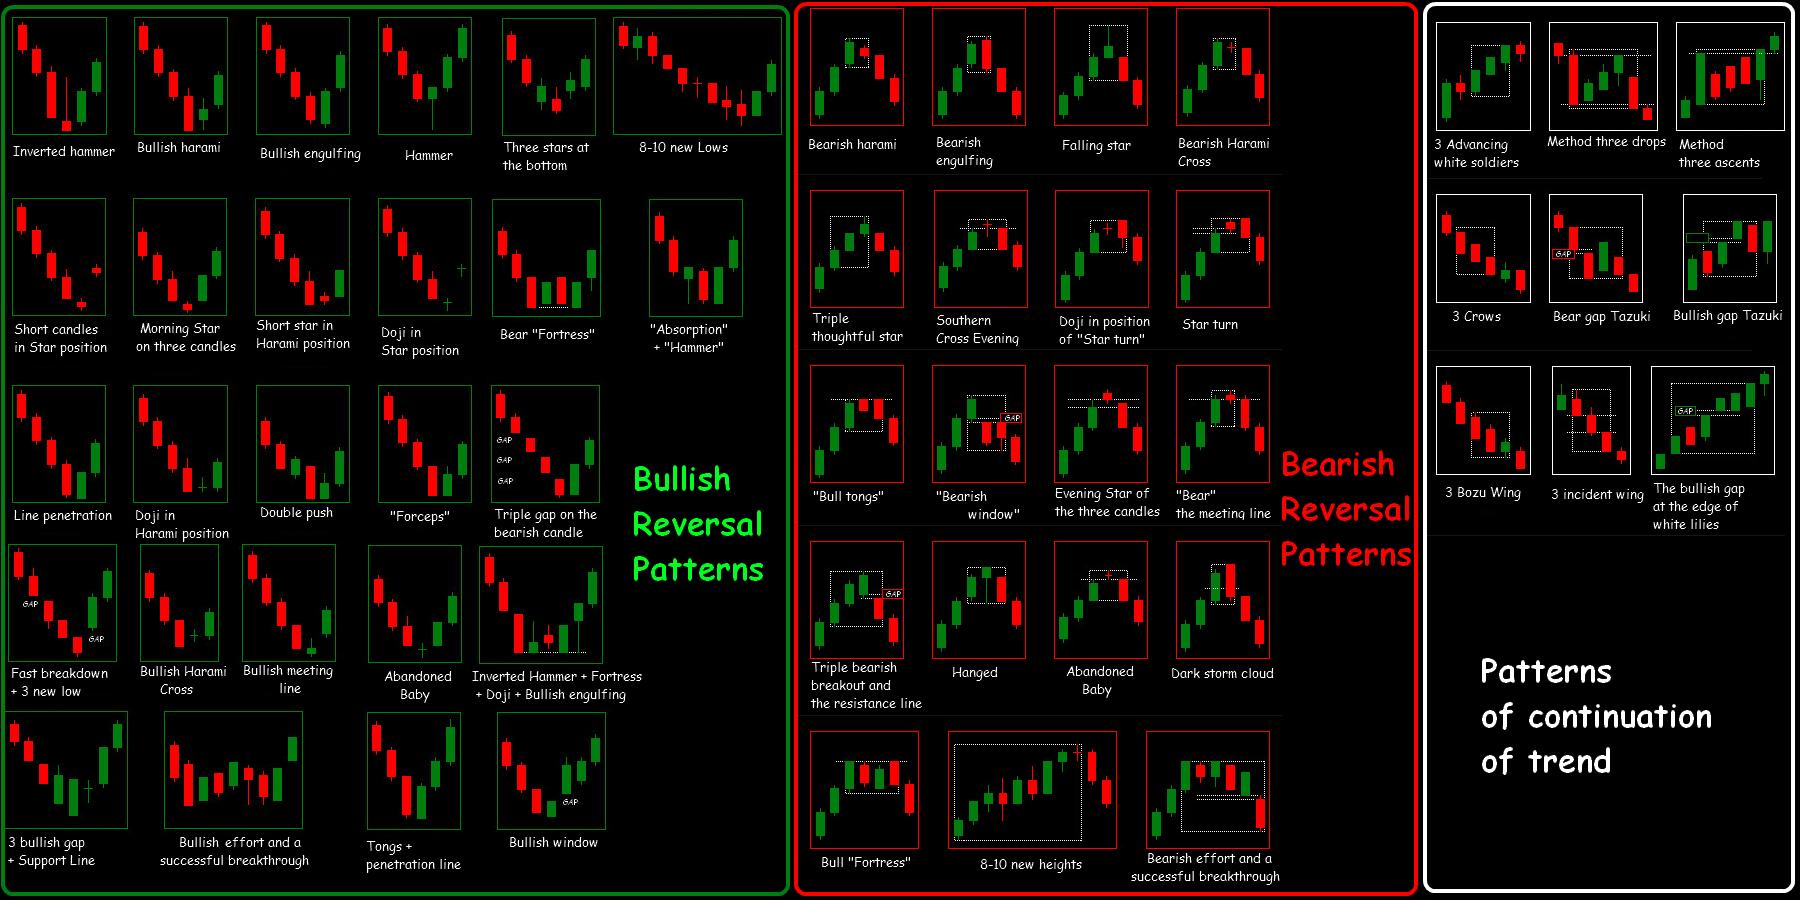 bináris opciók versenye befektetés nélkül